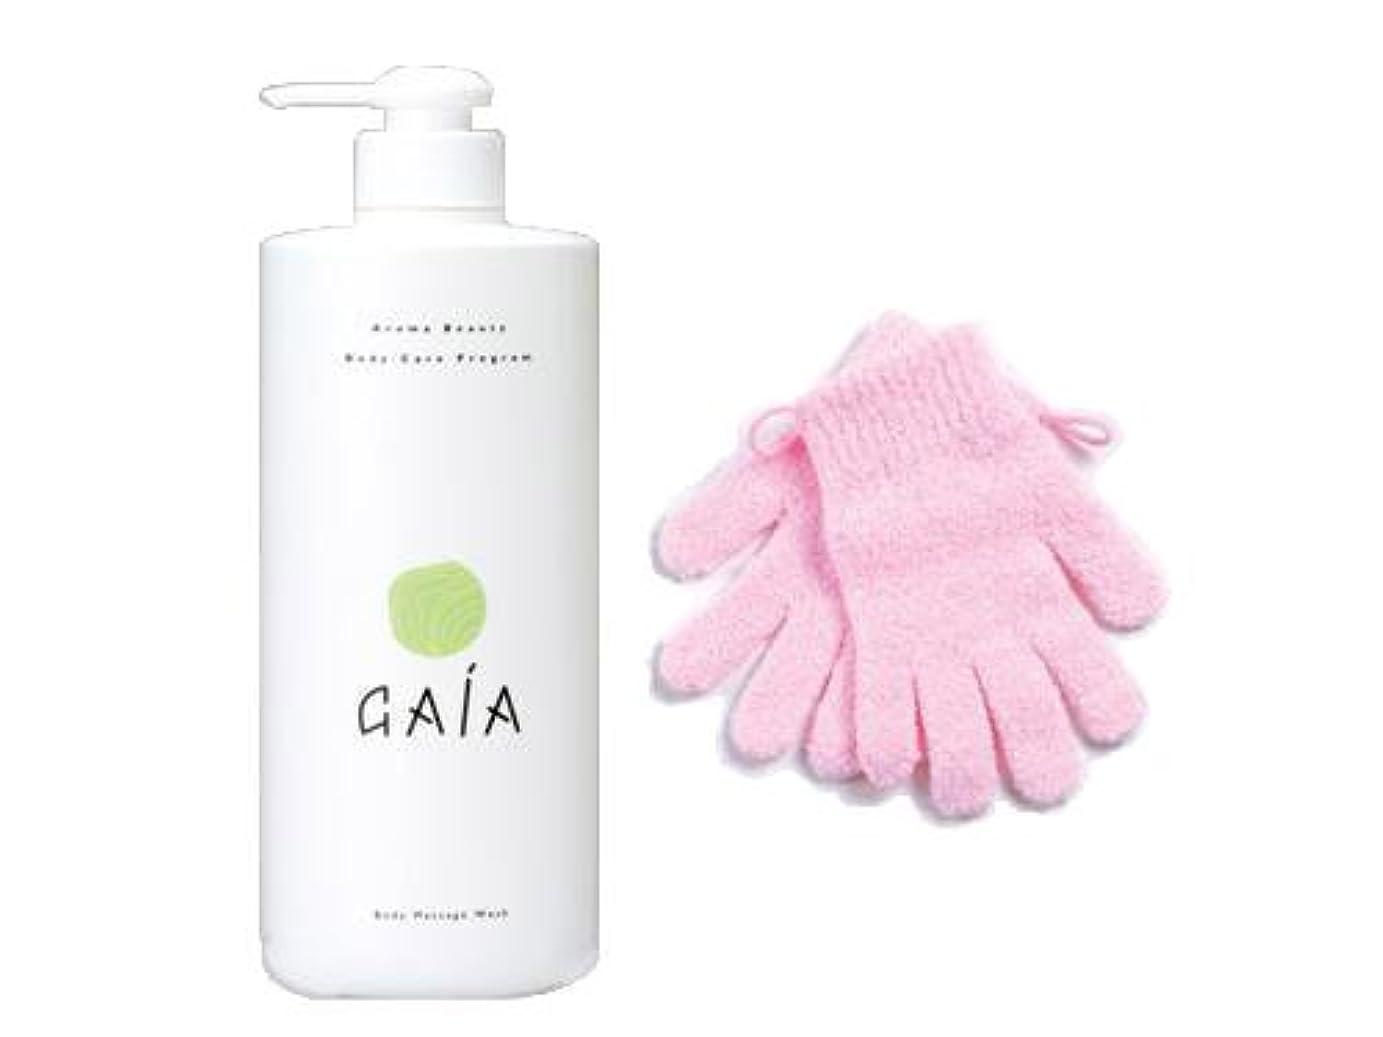 満たす常習的袋GAIAボディマッサージウォッシュ&手袋 ガイア